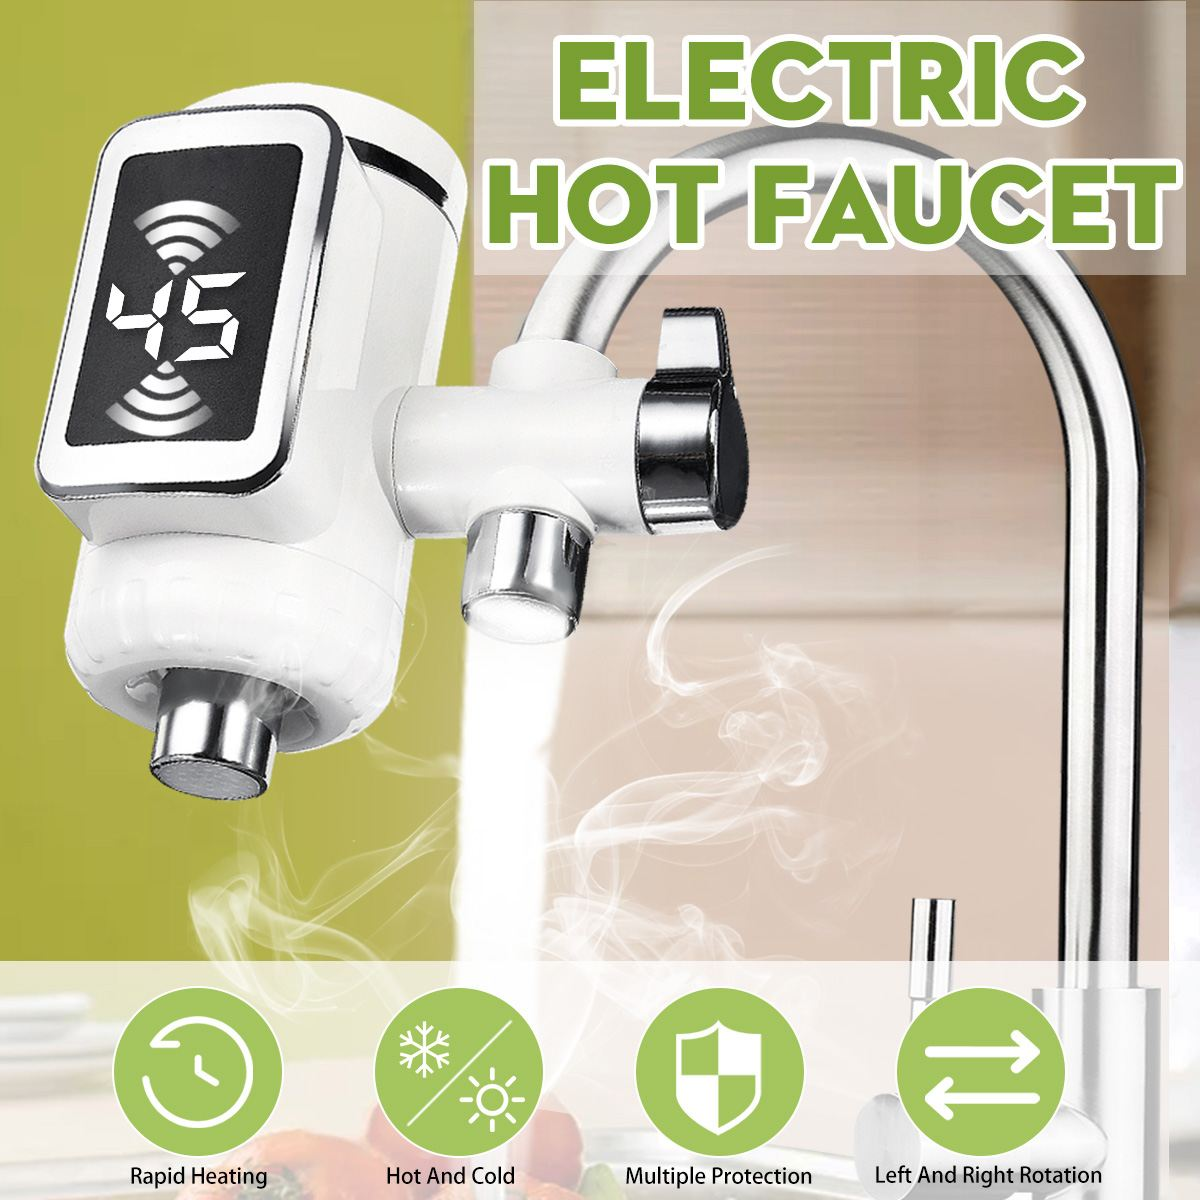 Robinet chaud électrique chauffe-eau cuisine chauffage froid robinet sans réservoir numérique chauffe-eau instantané robinet d'eau avec adaptateur